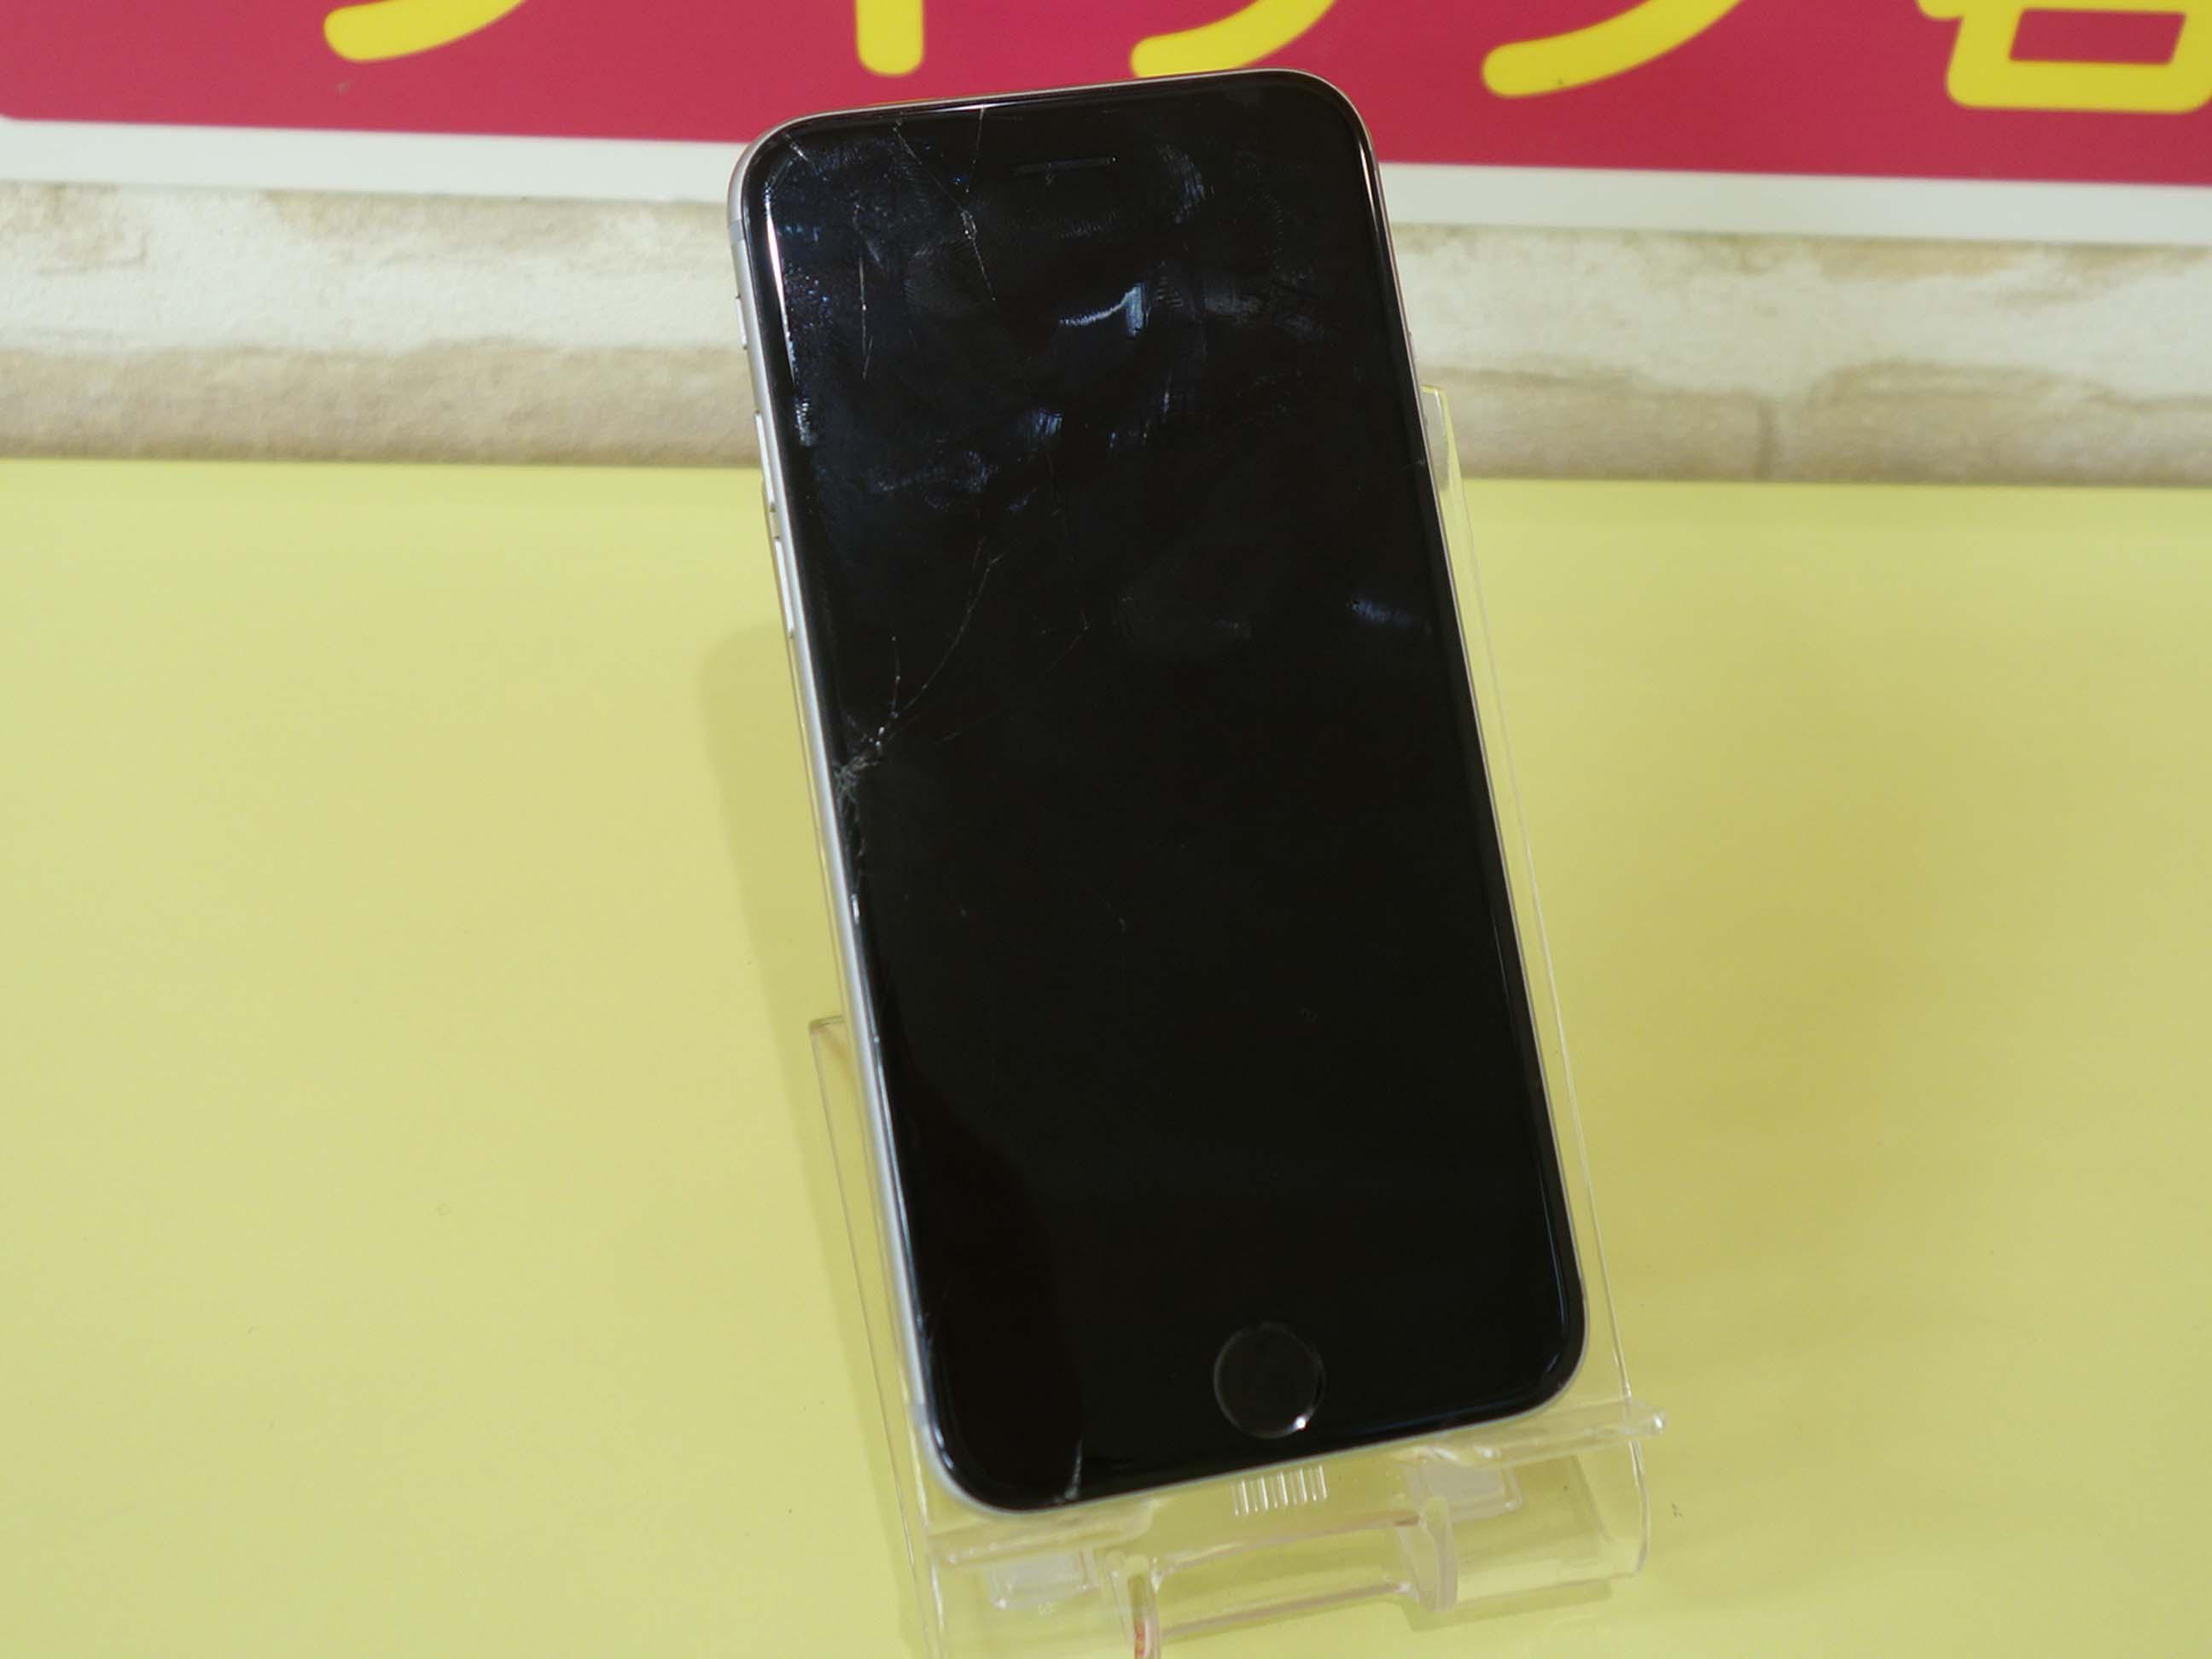 名古屋市 川遊びで水没 iPhone6S 乾燥剤を入れて4日後にご来店 水没修理のクイック名古屋